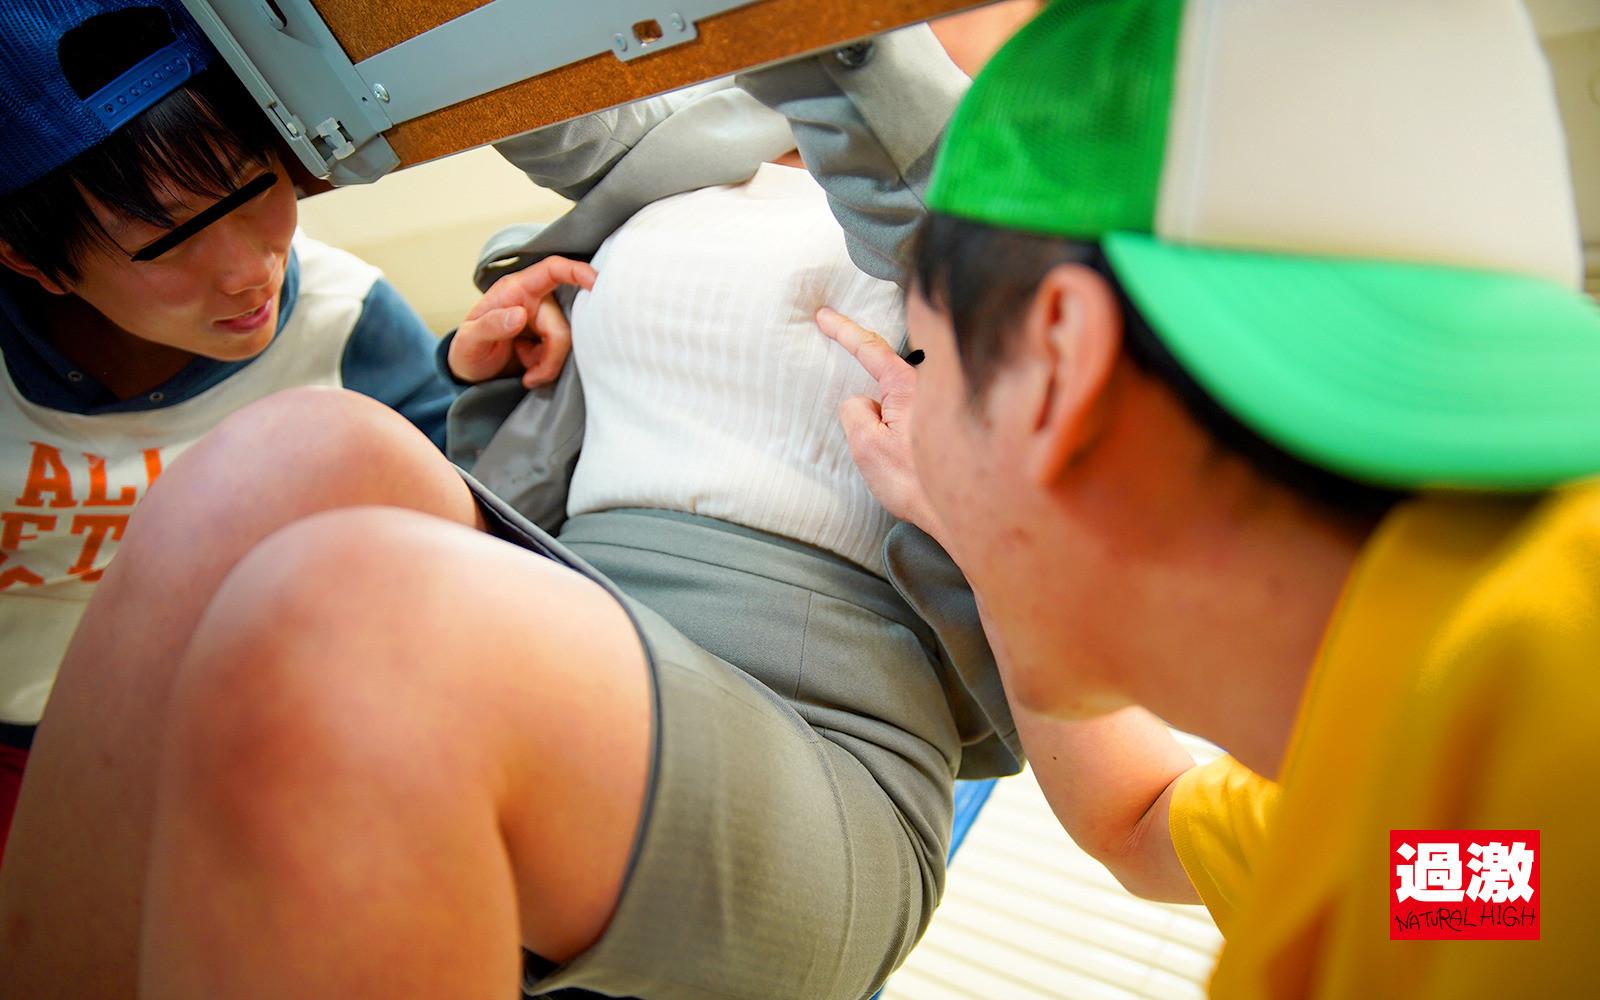 上司の息子の悪ガキ2人に両乳首をデスクの下で舐め上げられ仕事中にイカされる巨乳OL 画像3